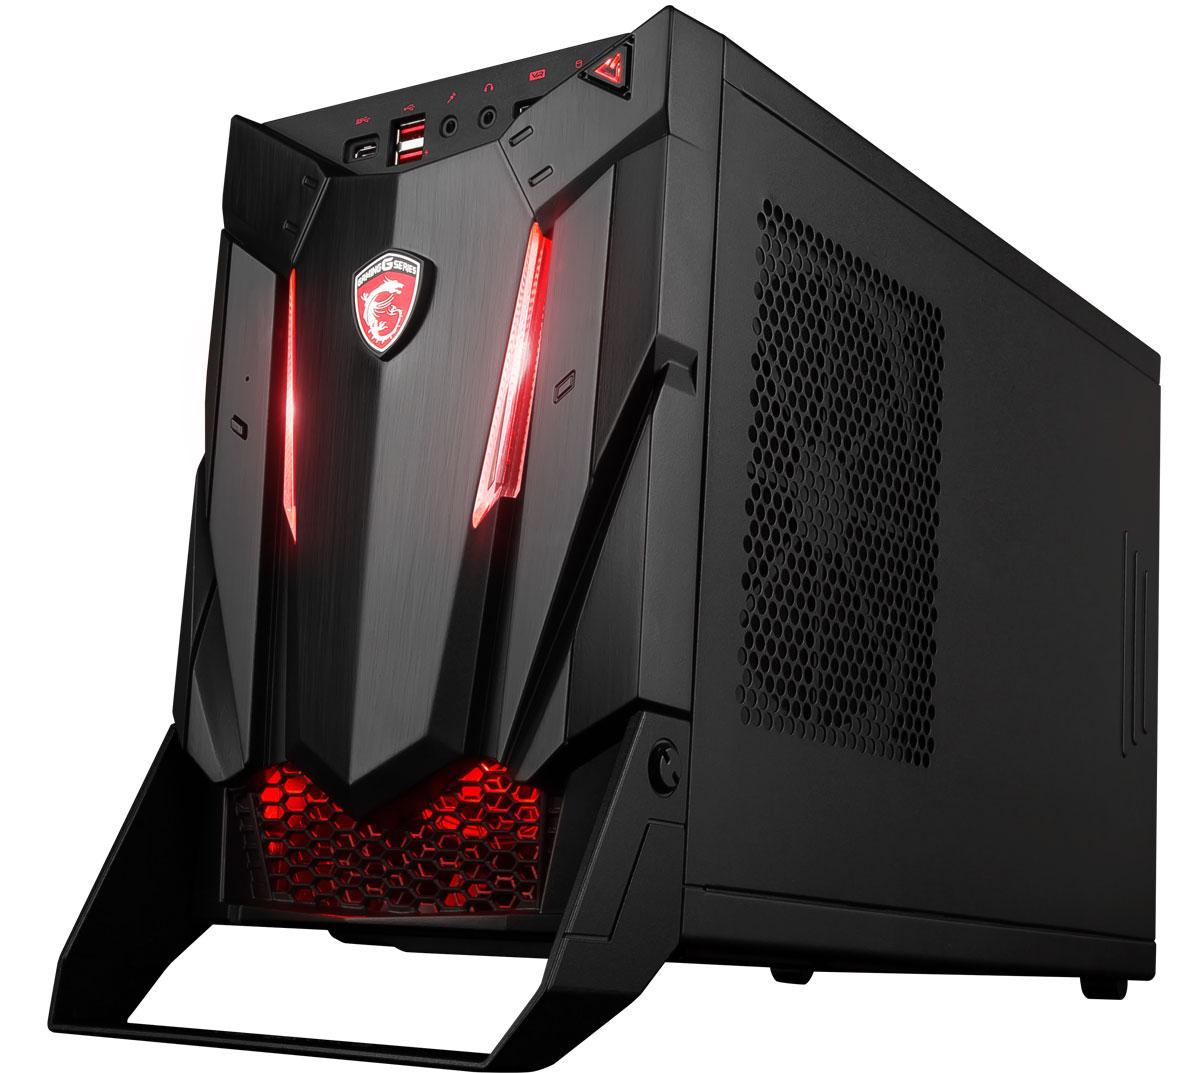 MSI Nightblade 3 VR7RC-040RU, Black настольный компьютерVR7RC-040RU-B7770010668G1T012S10SHAMSI Nightblade 3 - это серия мощных игровых ПК, безграничные возможности которых прекрасно умещаются в стильном, компактном корпусе. Тем геймерам, что любят брать свой боевой арсенал на каждую геймерскую вечеринку, понравится удобная ручка на передней грани корпусов Nightblade. Отличаясь удобным апгрейдом, десктопы Nightblade были созданы для любителей современных хитов и игр будущего.На игровые десктопы MSI устанавливаются видеокарты NVIDIA новейшего поколения. Производительность GPU NVIDIA GeForce GTX 10 с архитектурой Pascal в сравнении с определёнными моделями серии GeForce GTX 9 возросла более чем на 60%. Благодаря уникальной системе охлаждения и особым игровым возможностям десктопы MSI позволяют раскрыть весь потенциал новейших видеокарт NVIDIA GeForce GTX 10.Запускайте игры ещё быстрее с Intel Optane! Теперь ты сможешь наслаждаться высокой производительностью SSD на обычных HDD. Технология Intel Optane - это беспрецедентное сочетание высокой пропускной способности, низкого уровня задержек, удобства использования и продолжительного срока службы.Сделайте ваш игровой ПК уникальным с помощью Mystic Light. Пылающий огонь или холодный лед - все в ваших руках! По вашему вкусу вы можете выбрать из палитры любой цвет и добавить подходящий светодиодный эффект.Благодаря аудиокомпонентам премиум-качества технология MSI Audio Boost обеспечивает наивысшее качество звука, с которым геймплей становится по-настоящему захватывающим.Погружайтесь в виртуальные миры ещё глубже с объёмным звучанием Nahimic VR. Большинство VR-игр будущего будут поддерживать звук 7.1. Nahimic VR - это первое в мире решение, раскрывающее всю прелесть звука 7.1 на стандартных стерео-наушниках. Особые алгоритмы обработки сигнала значительно улучшают 3D-аудиосцену, воспроизводимую через HDMI или USB. Тандем VR-технологий и 3D-звучания гарантирует полное погружение в захватывающие VR-миры.Audio Boost представляет с